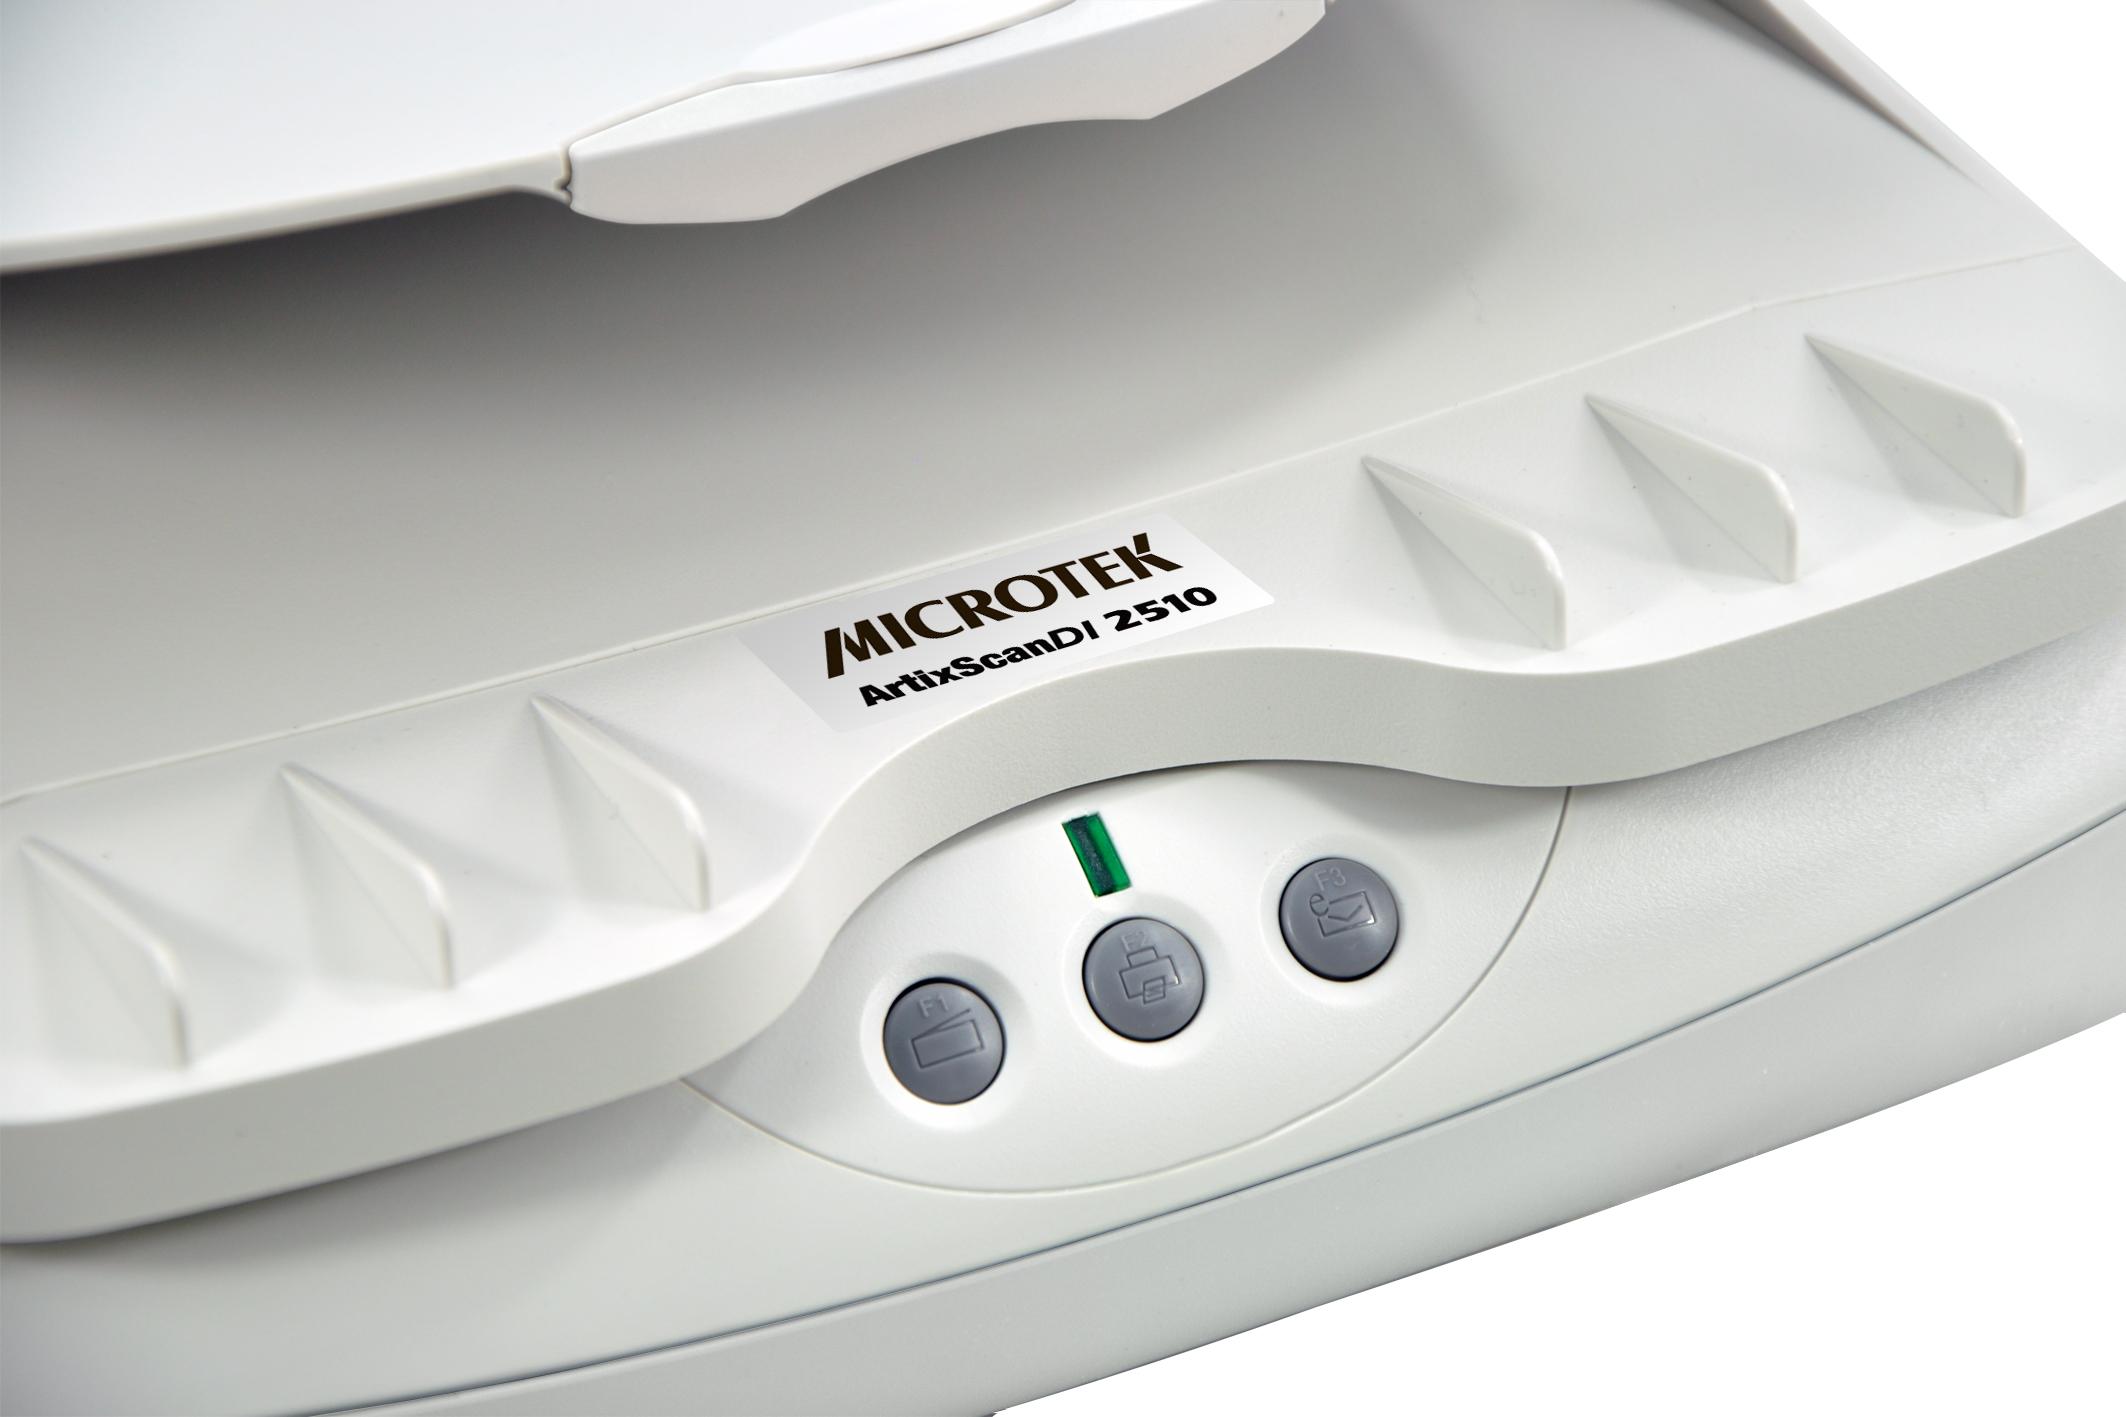 ArtixScan DI 2510